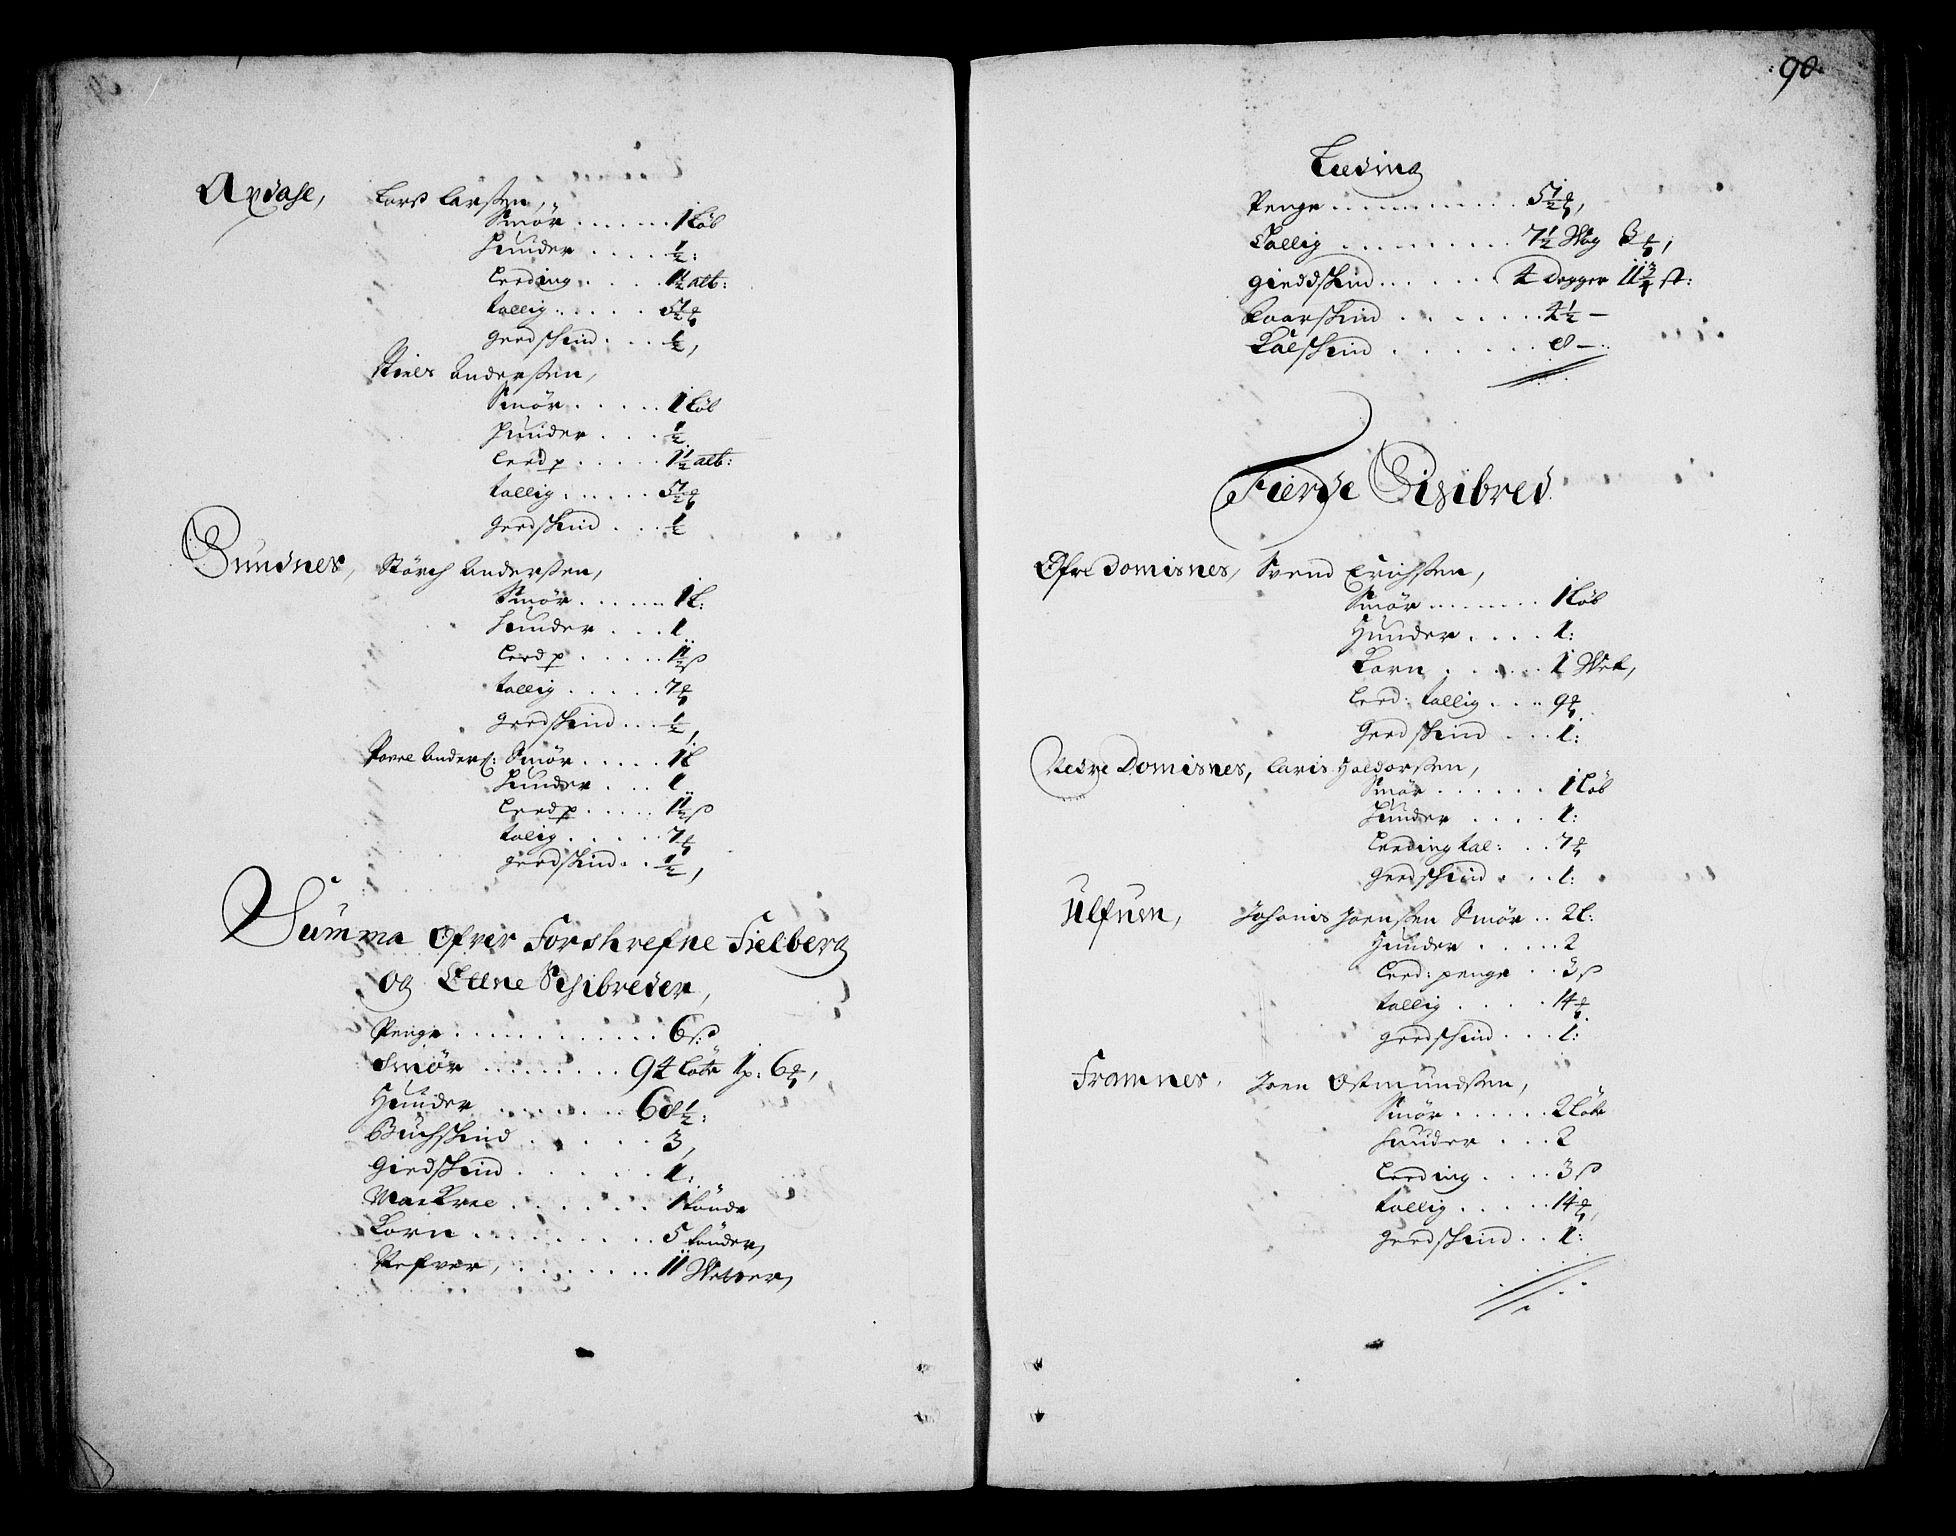 RA, Rentekammeret inntil 1814, Realistisk ordnet avdeling, On/L0002: [Jj 3]: Besiktigelsesforretninger over Halsnøy klosters gods, 1659-1703, s. 89b-90a